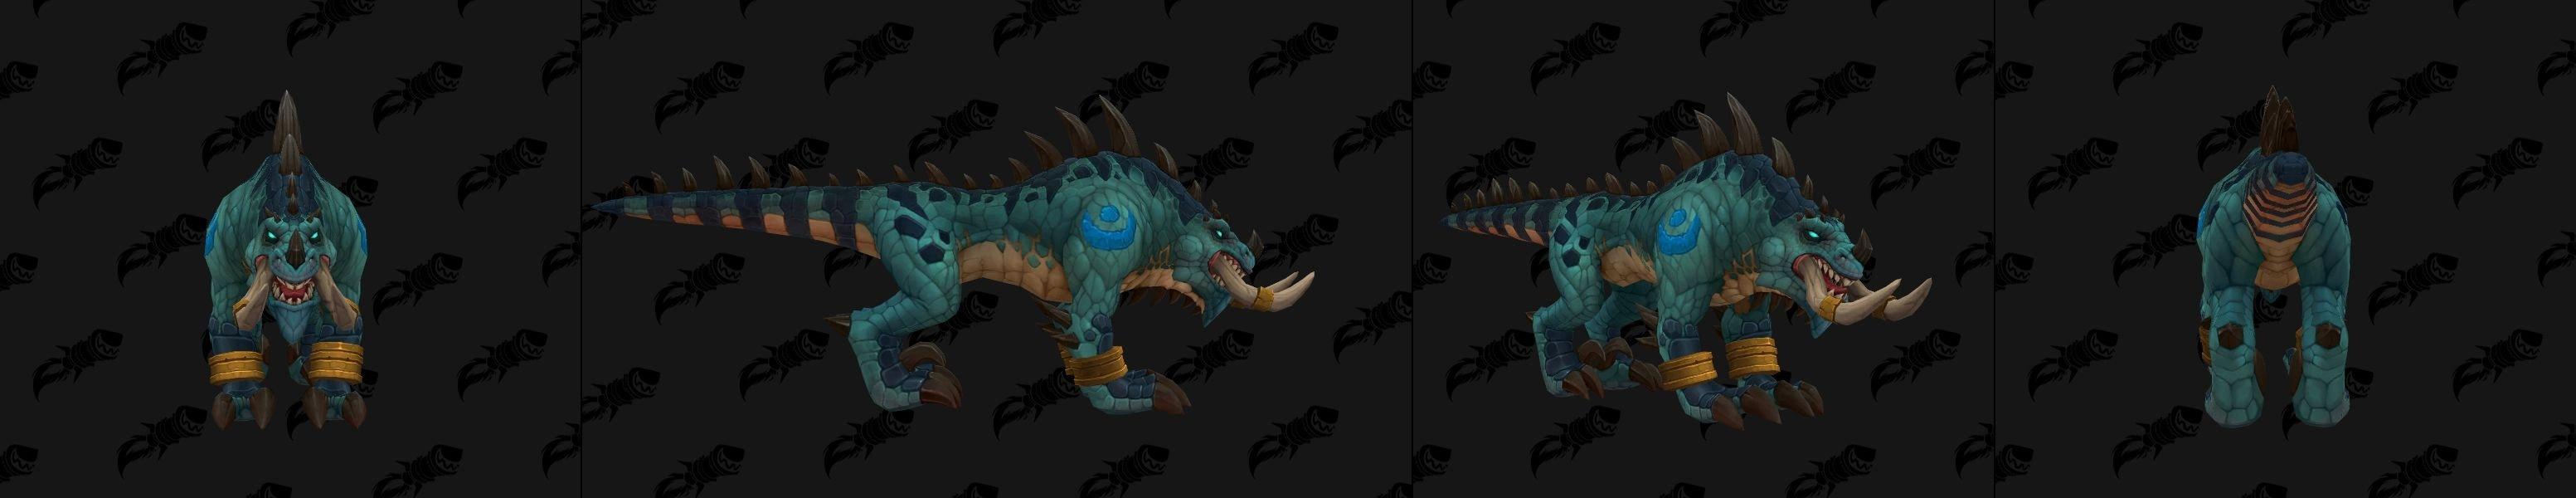 Forme de félin pour le Troll zandalari à Battle for Azeroth coloris bleu